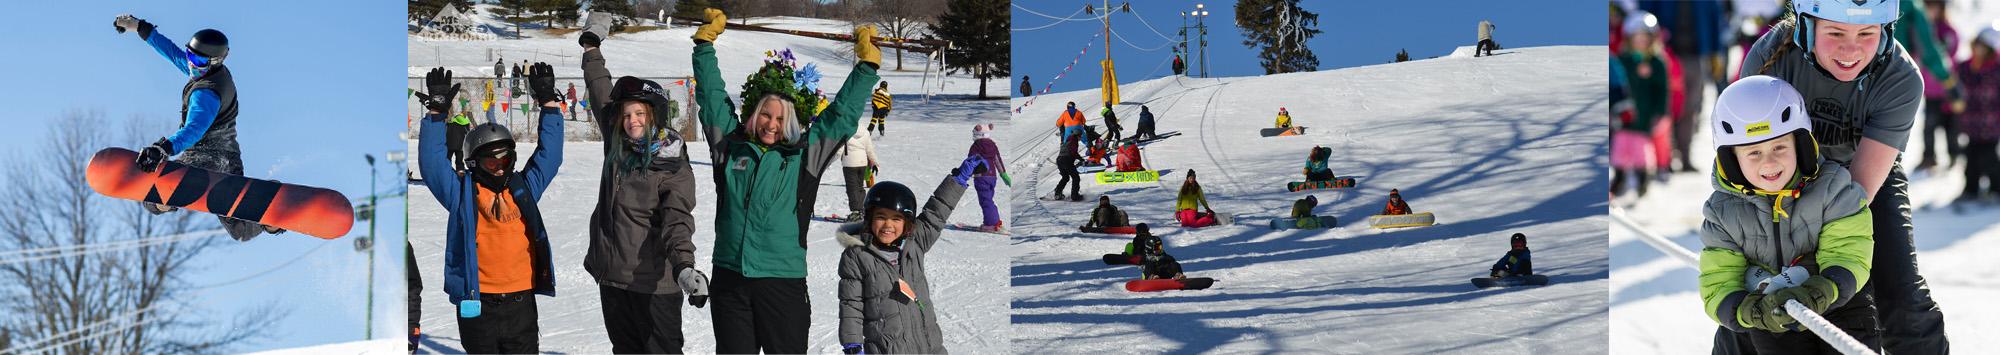 Como Park Ski Center Banner